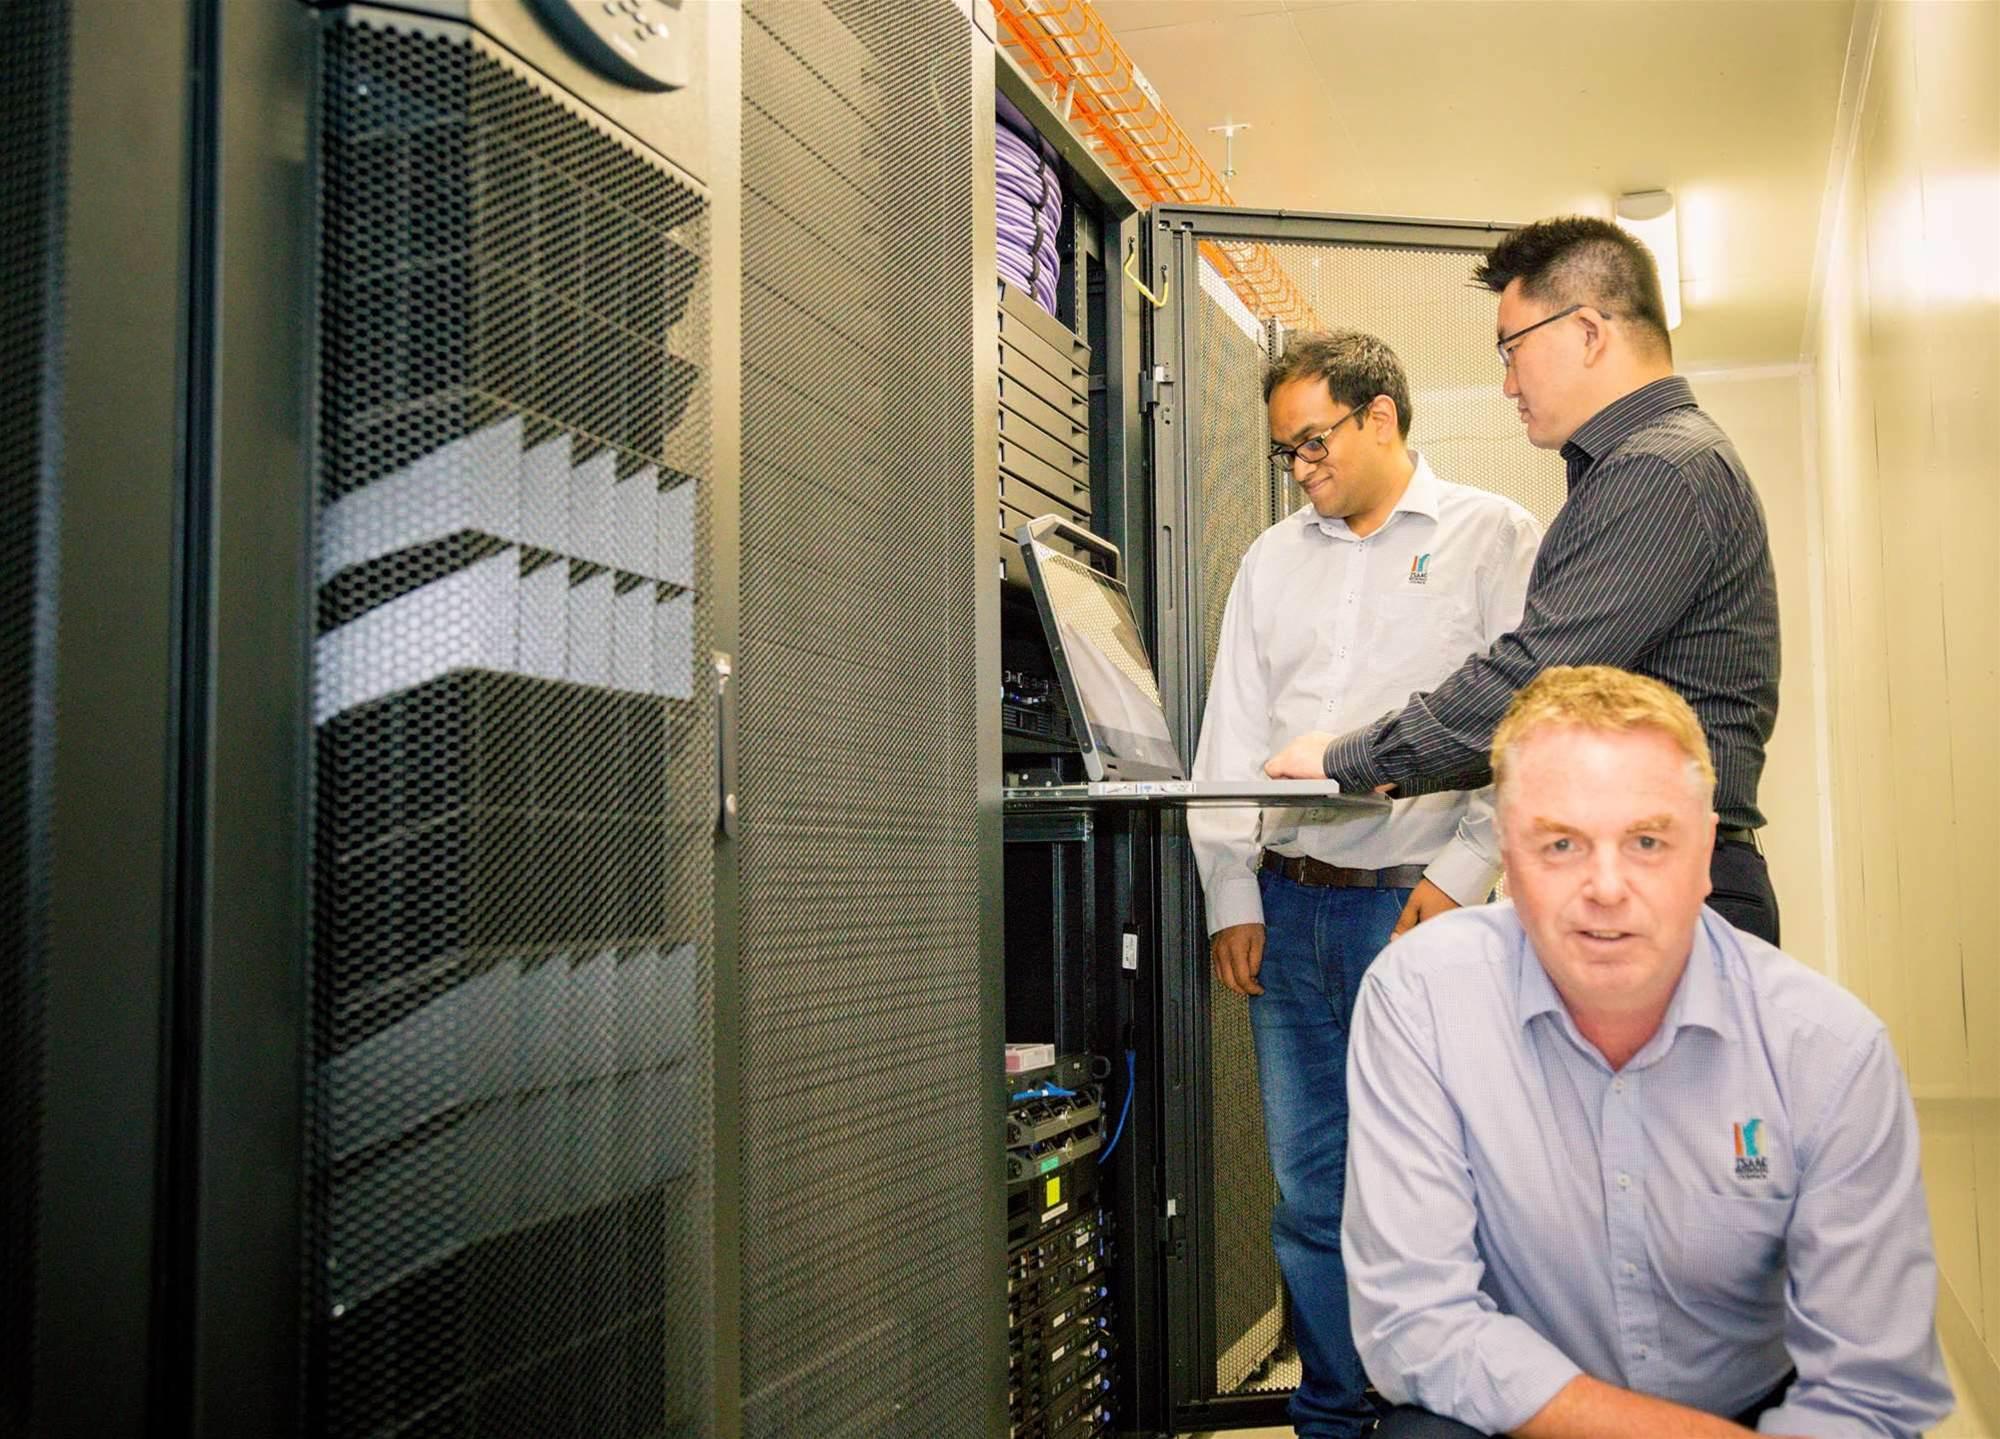 Photos: Dial-a-data centre